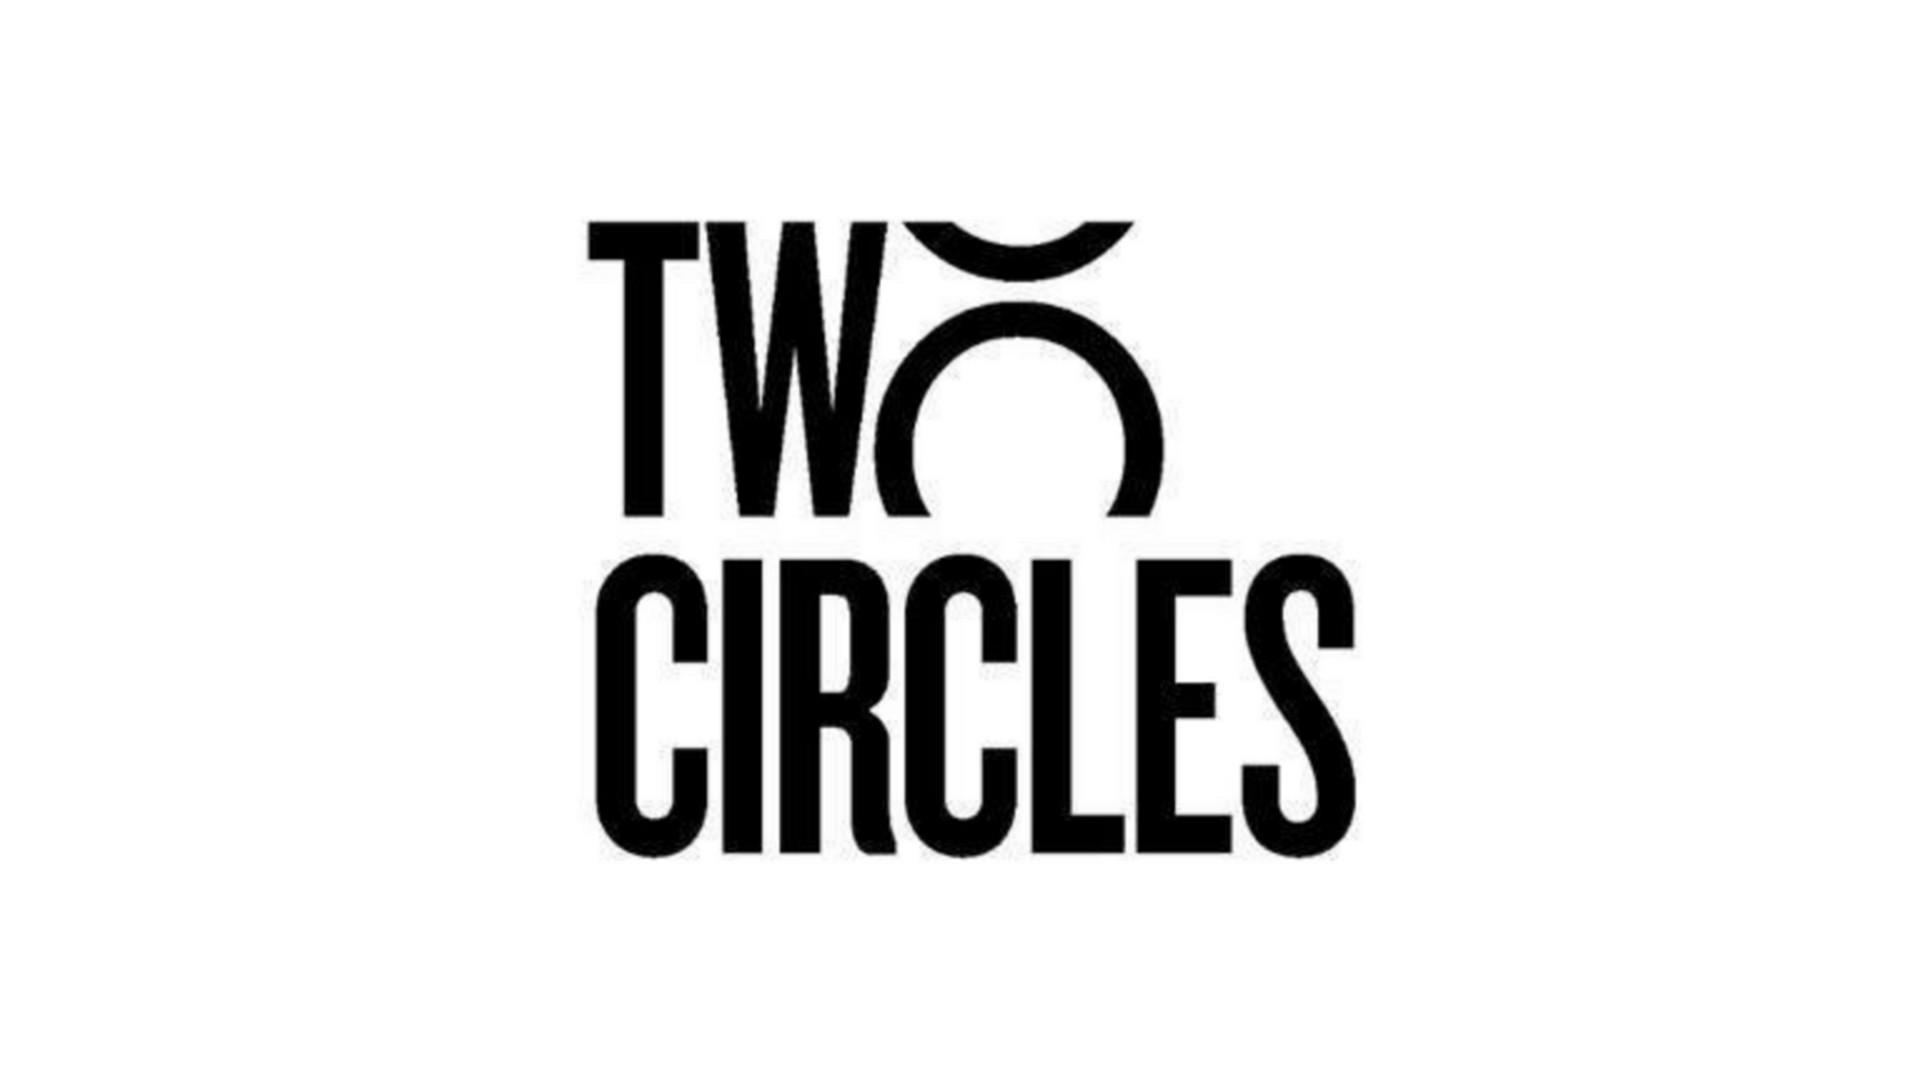 Agence Two Circles (1) Logo